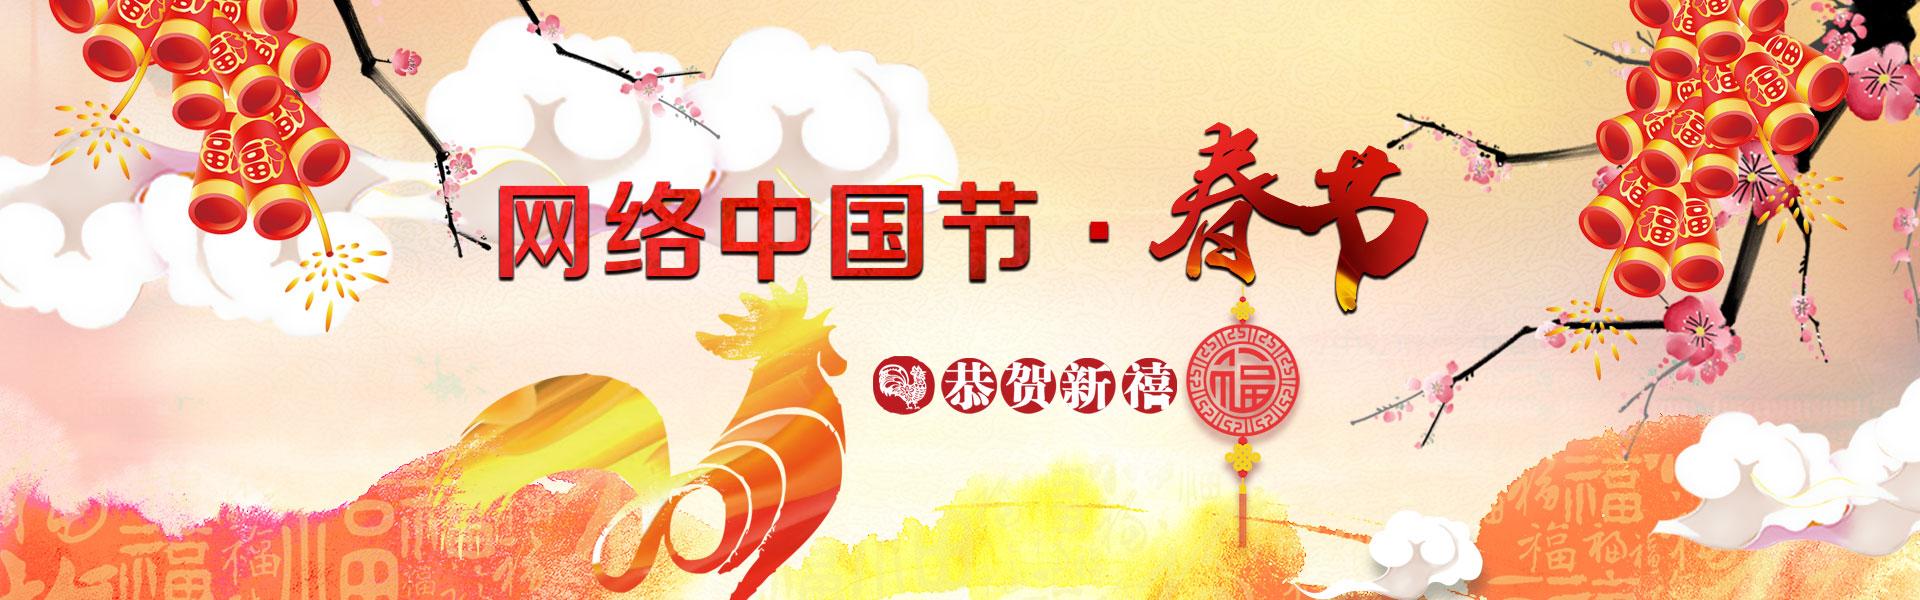 2021网络中国节・春节